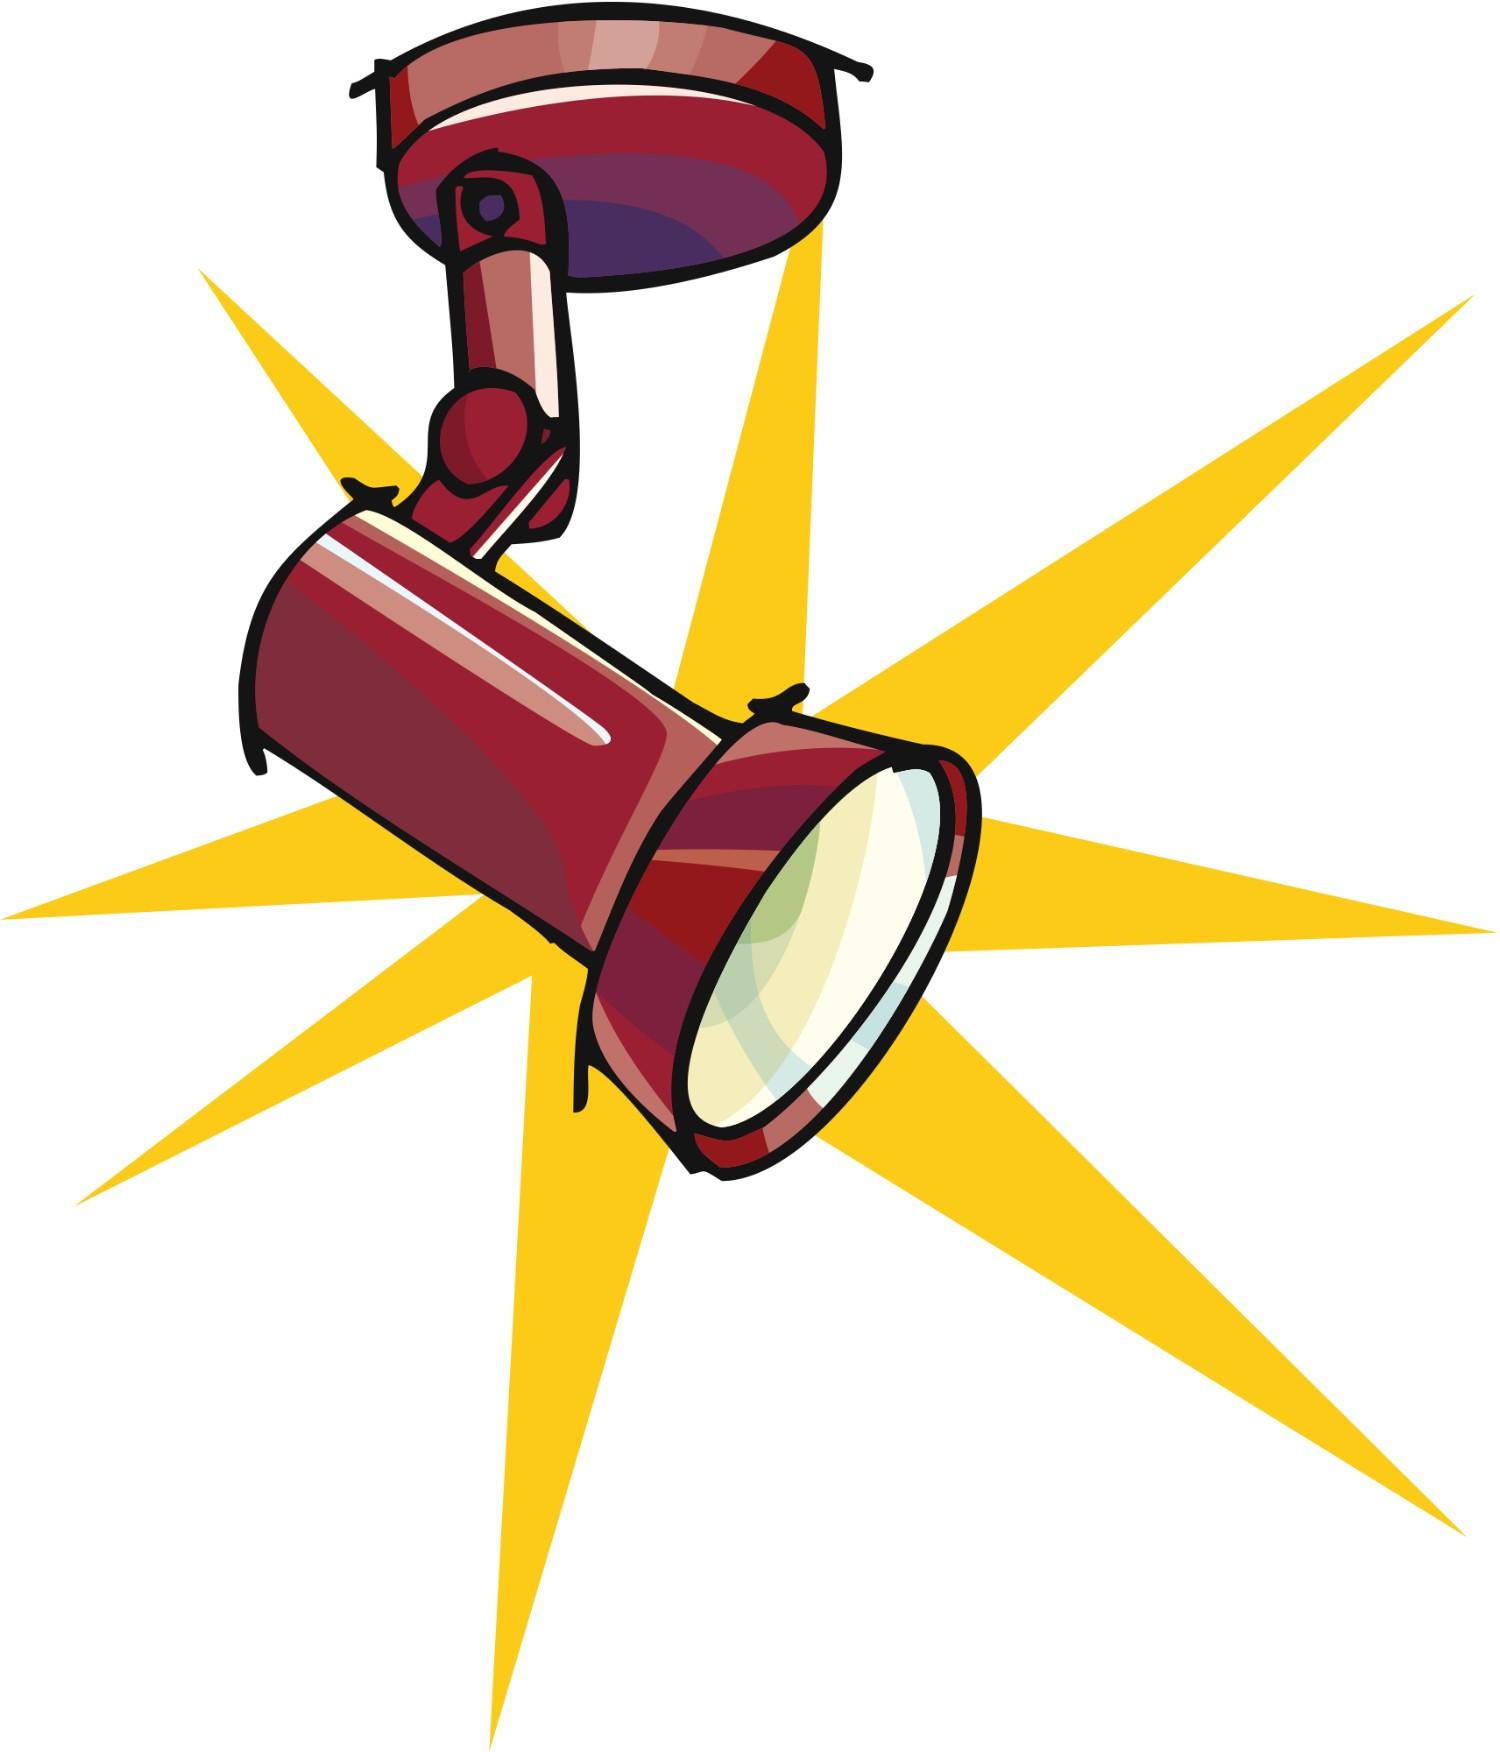 Spotlight Clip Art 2 Clipartbold-Spotlight clip art 2 clipartbold-10